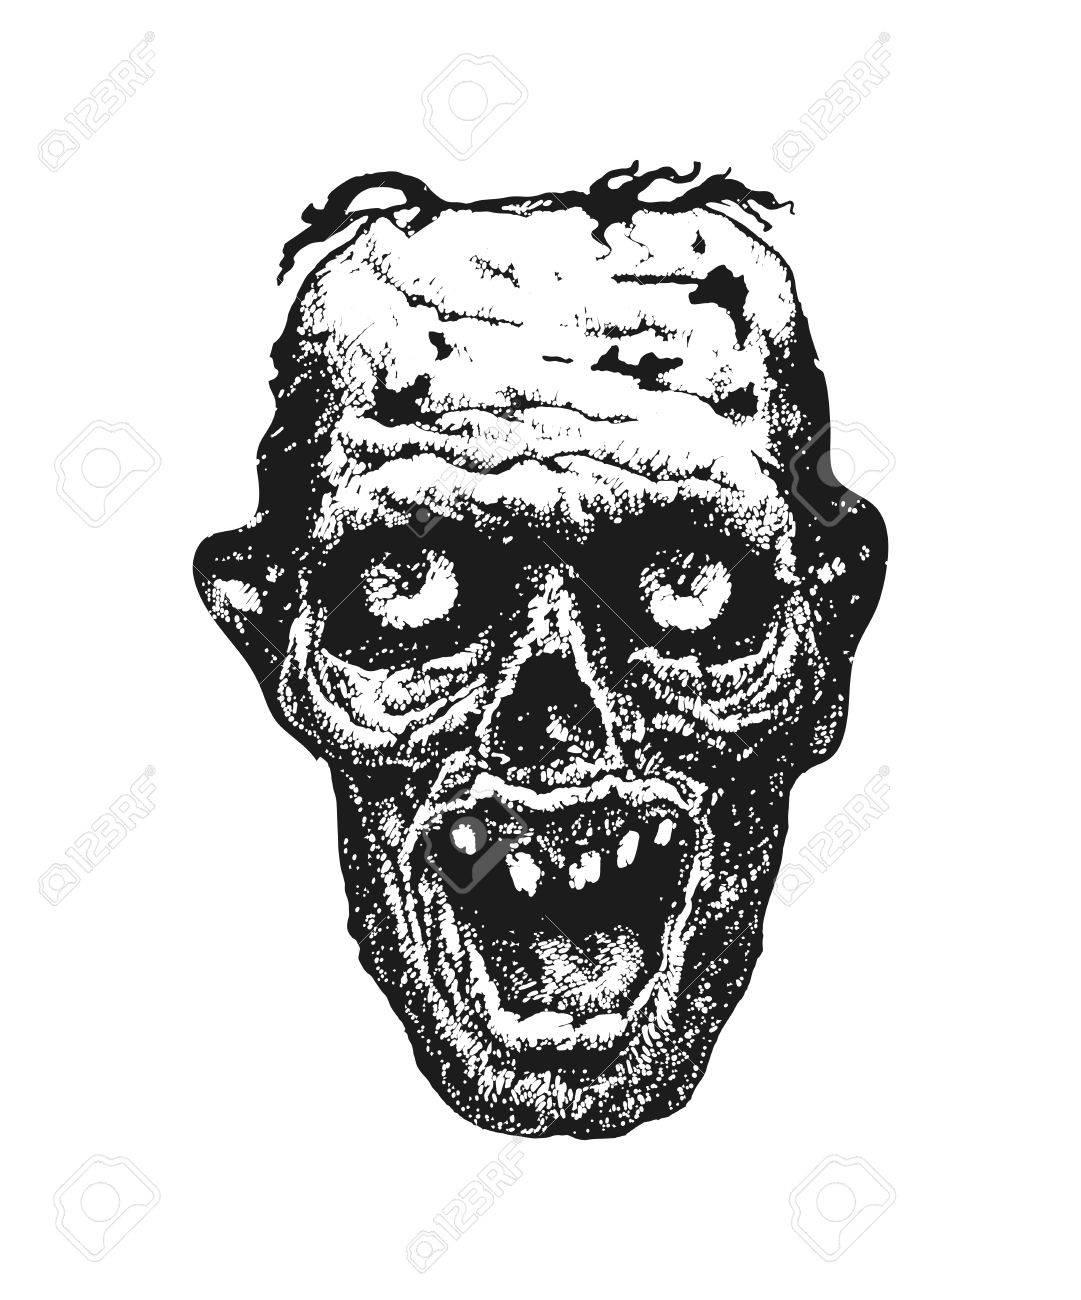 Zombie Hand Drawn